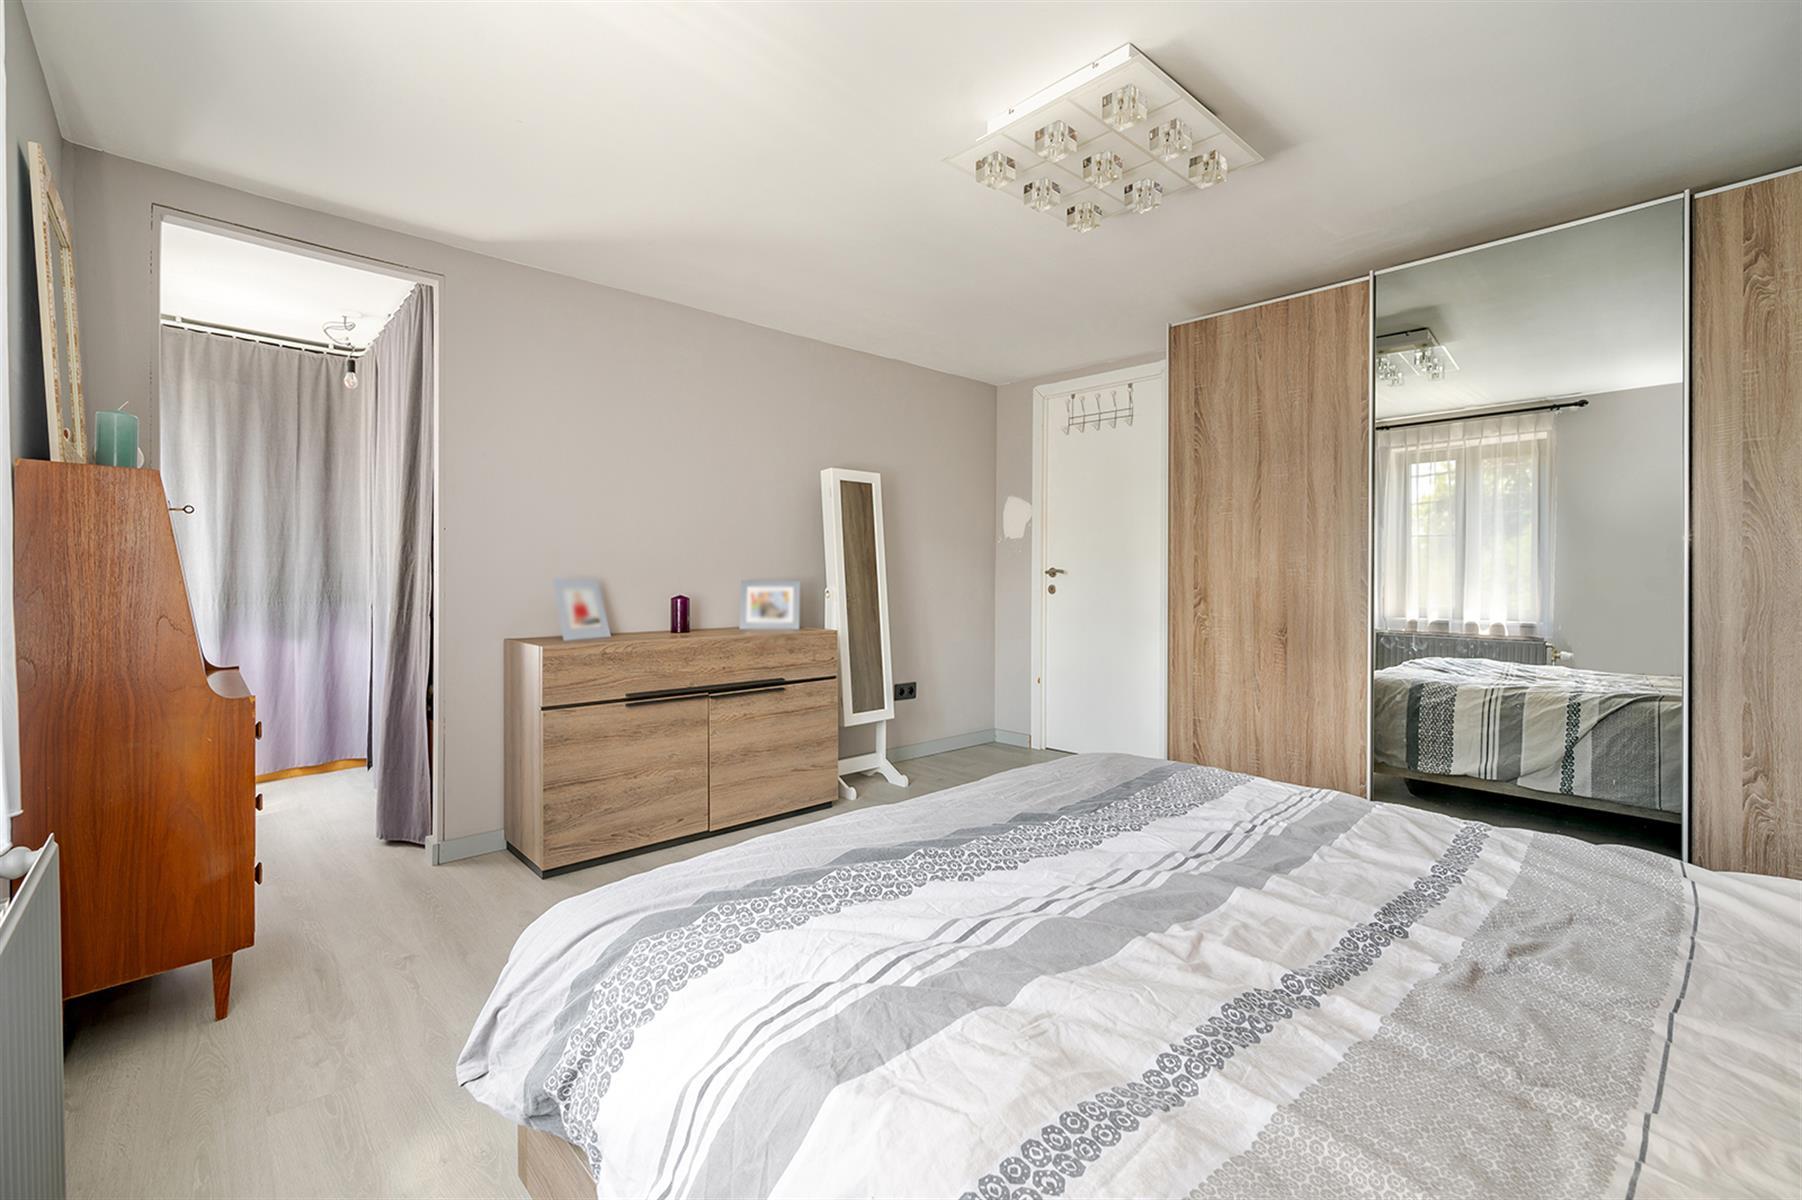 Maison - Villersle-Bouillet Warnant-Dreye - #4392377-13